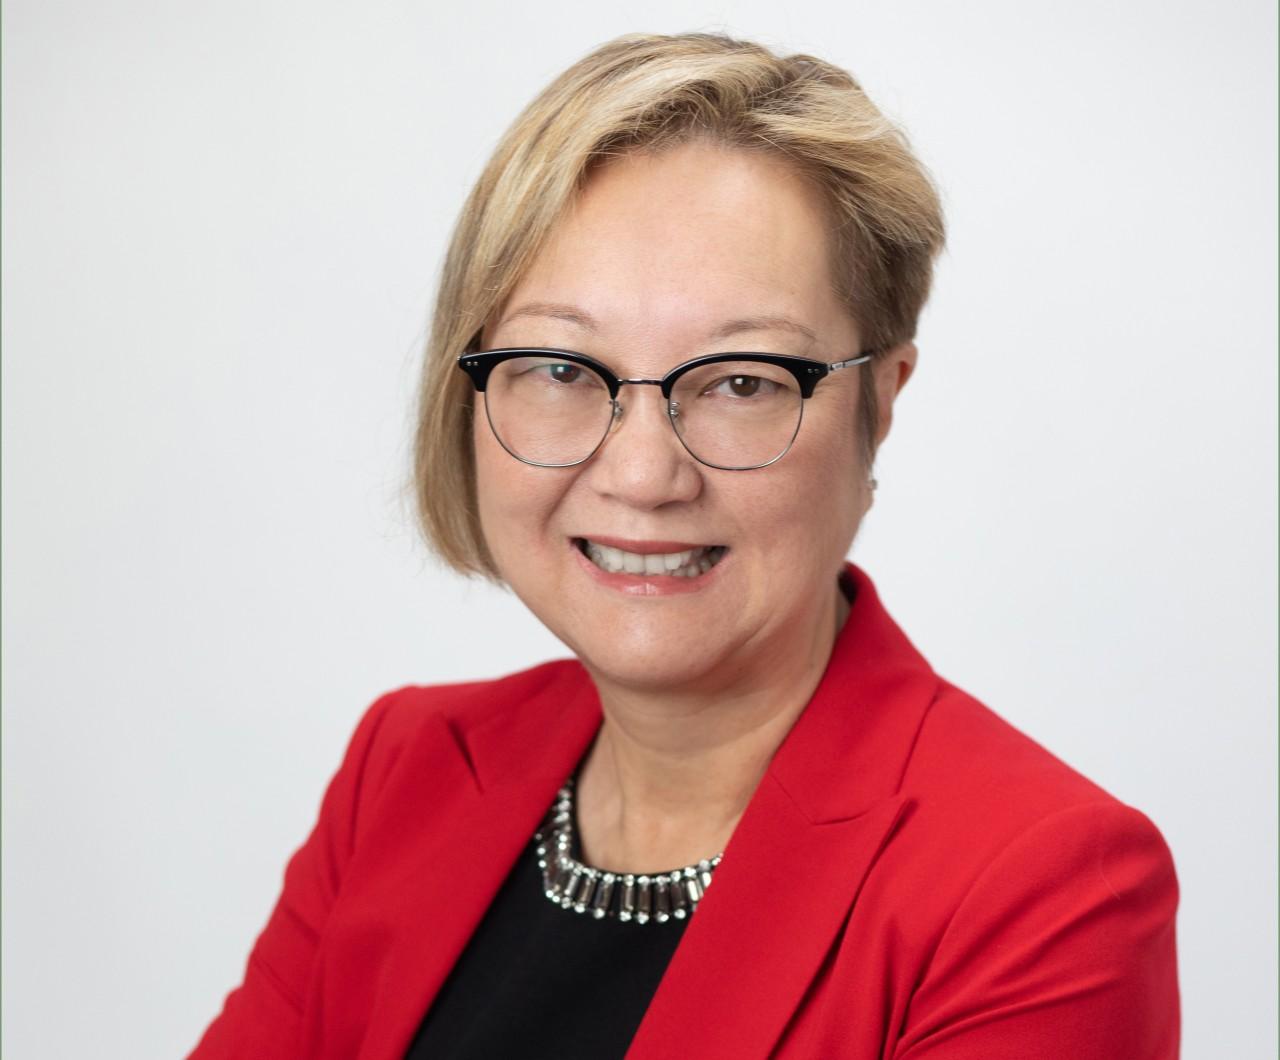 Mary Tabata